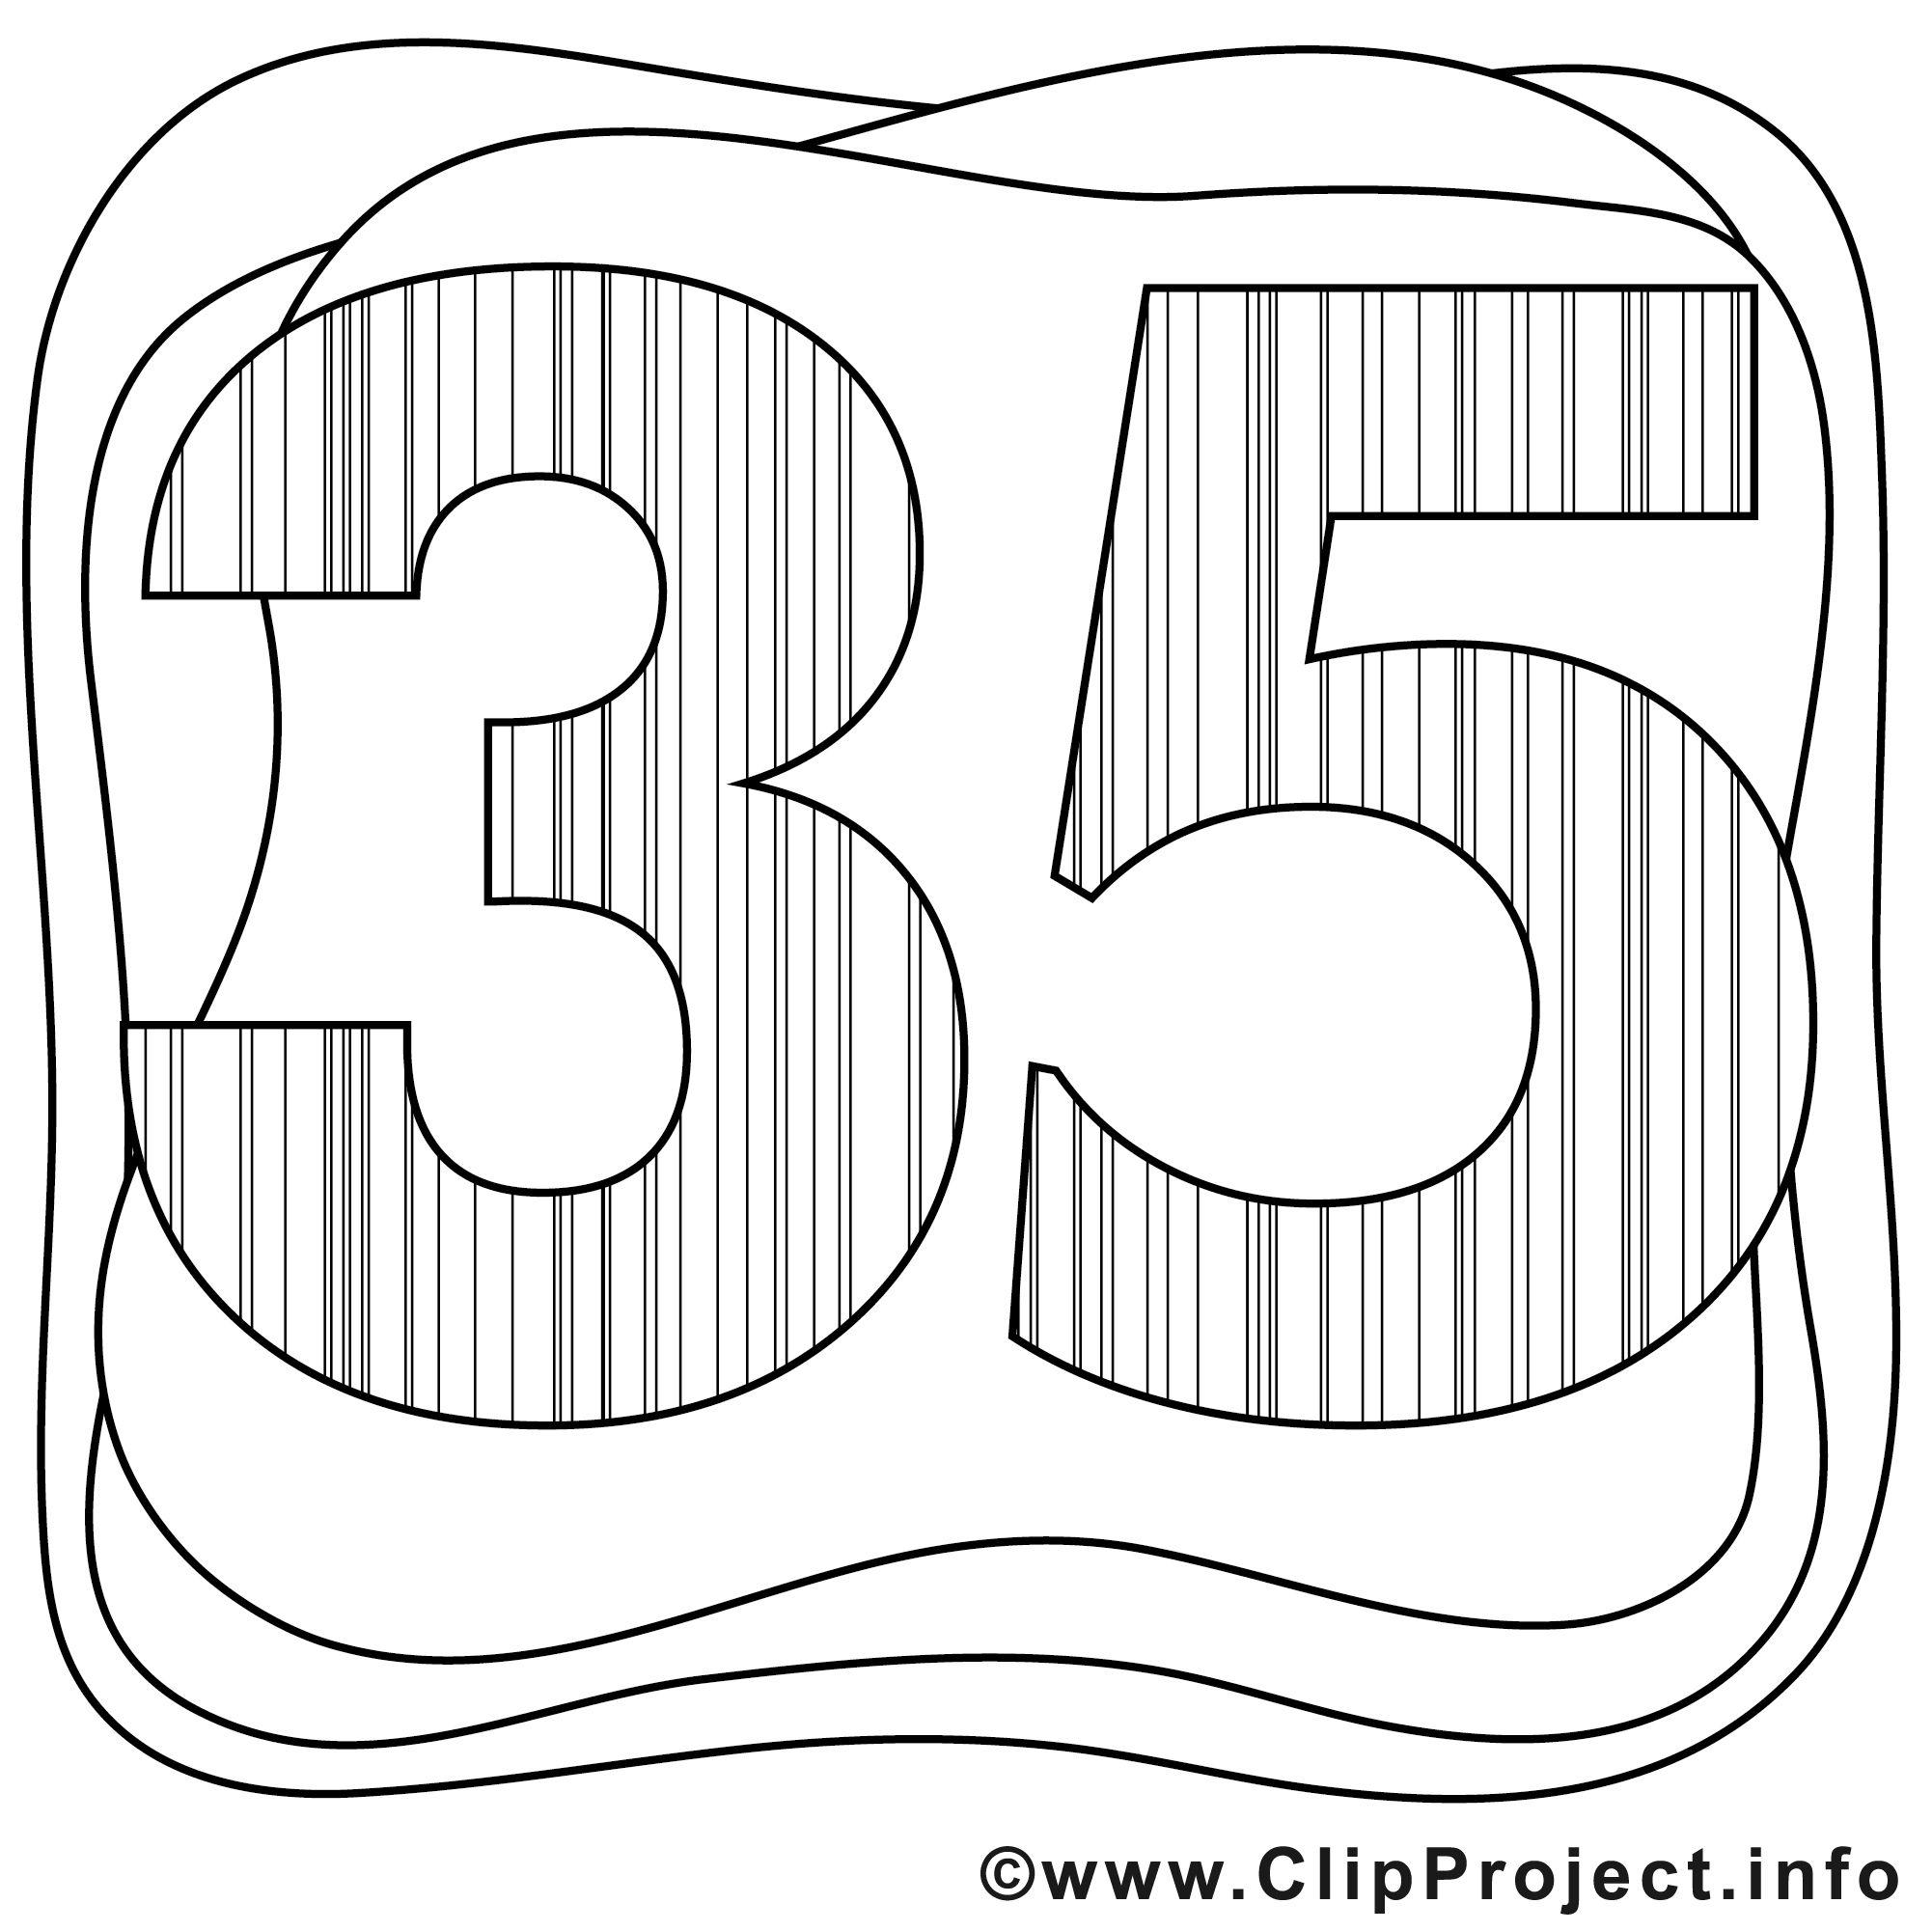 kostenlos herunterladen Zahl 35 zum Ausmalen bedruckbar und ausdrucken Malvorlagen für Kinder Erwachsene Jugendliche